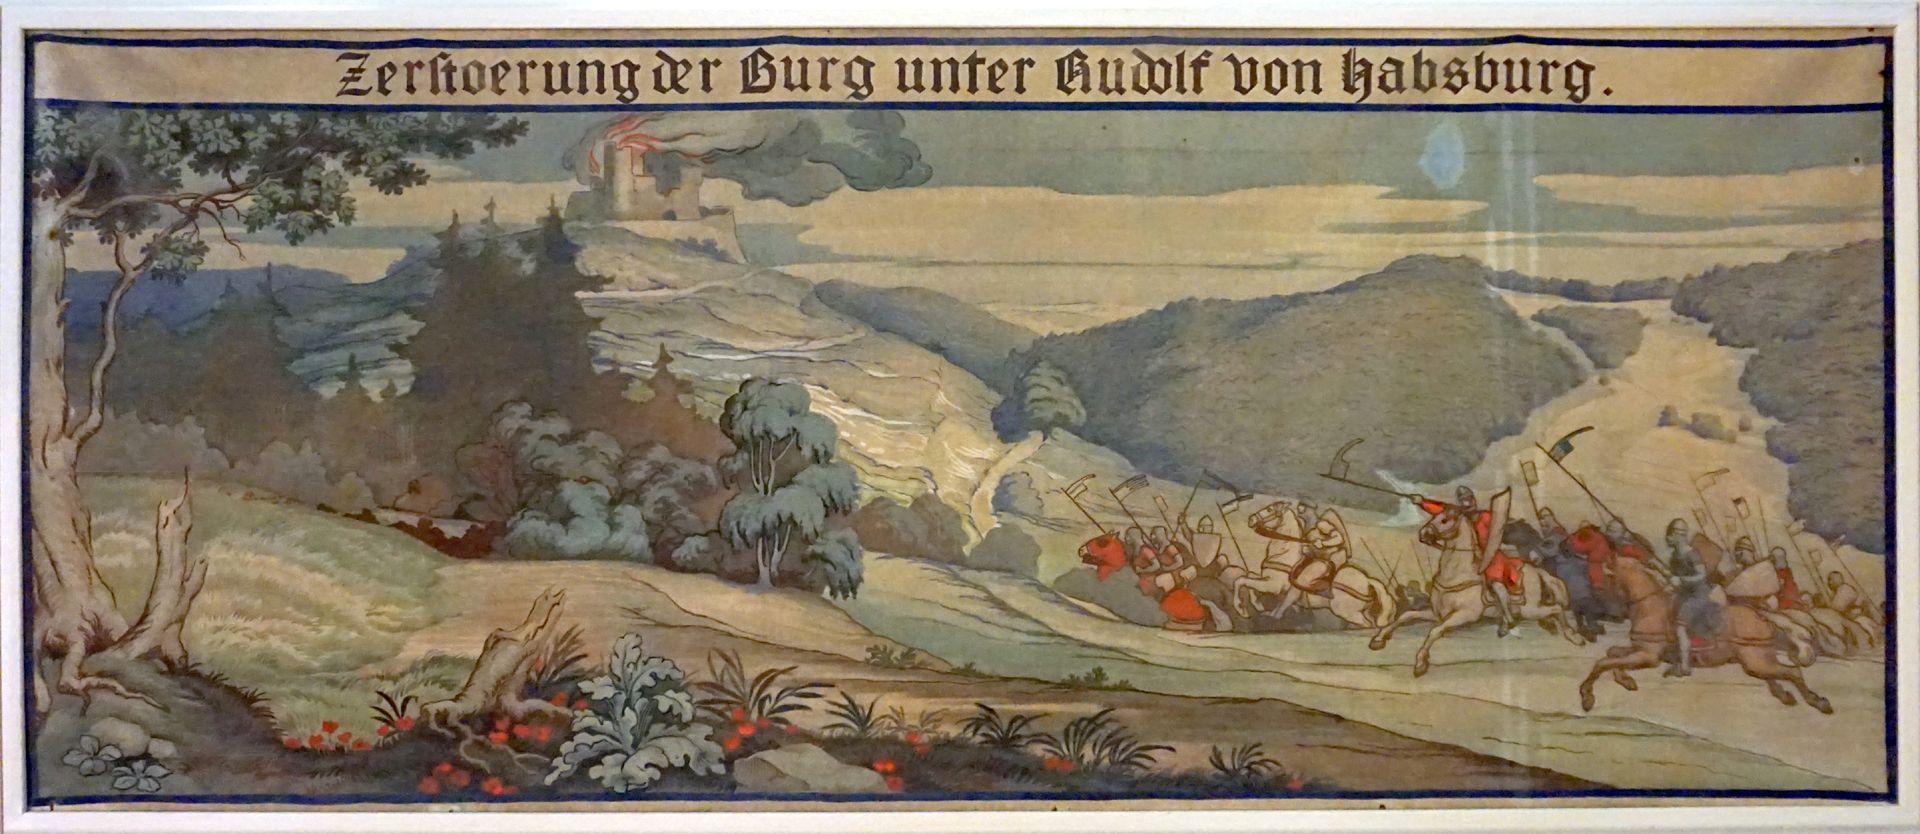 Gewölbeausmalung des Orlamündesaals Beispiel eines Wandteppichs mit historisierender Szene zur Burggeschichte